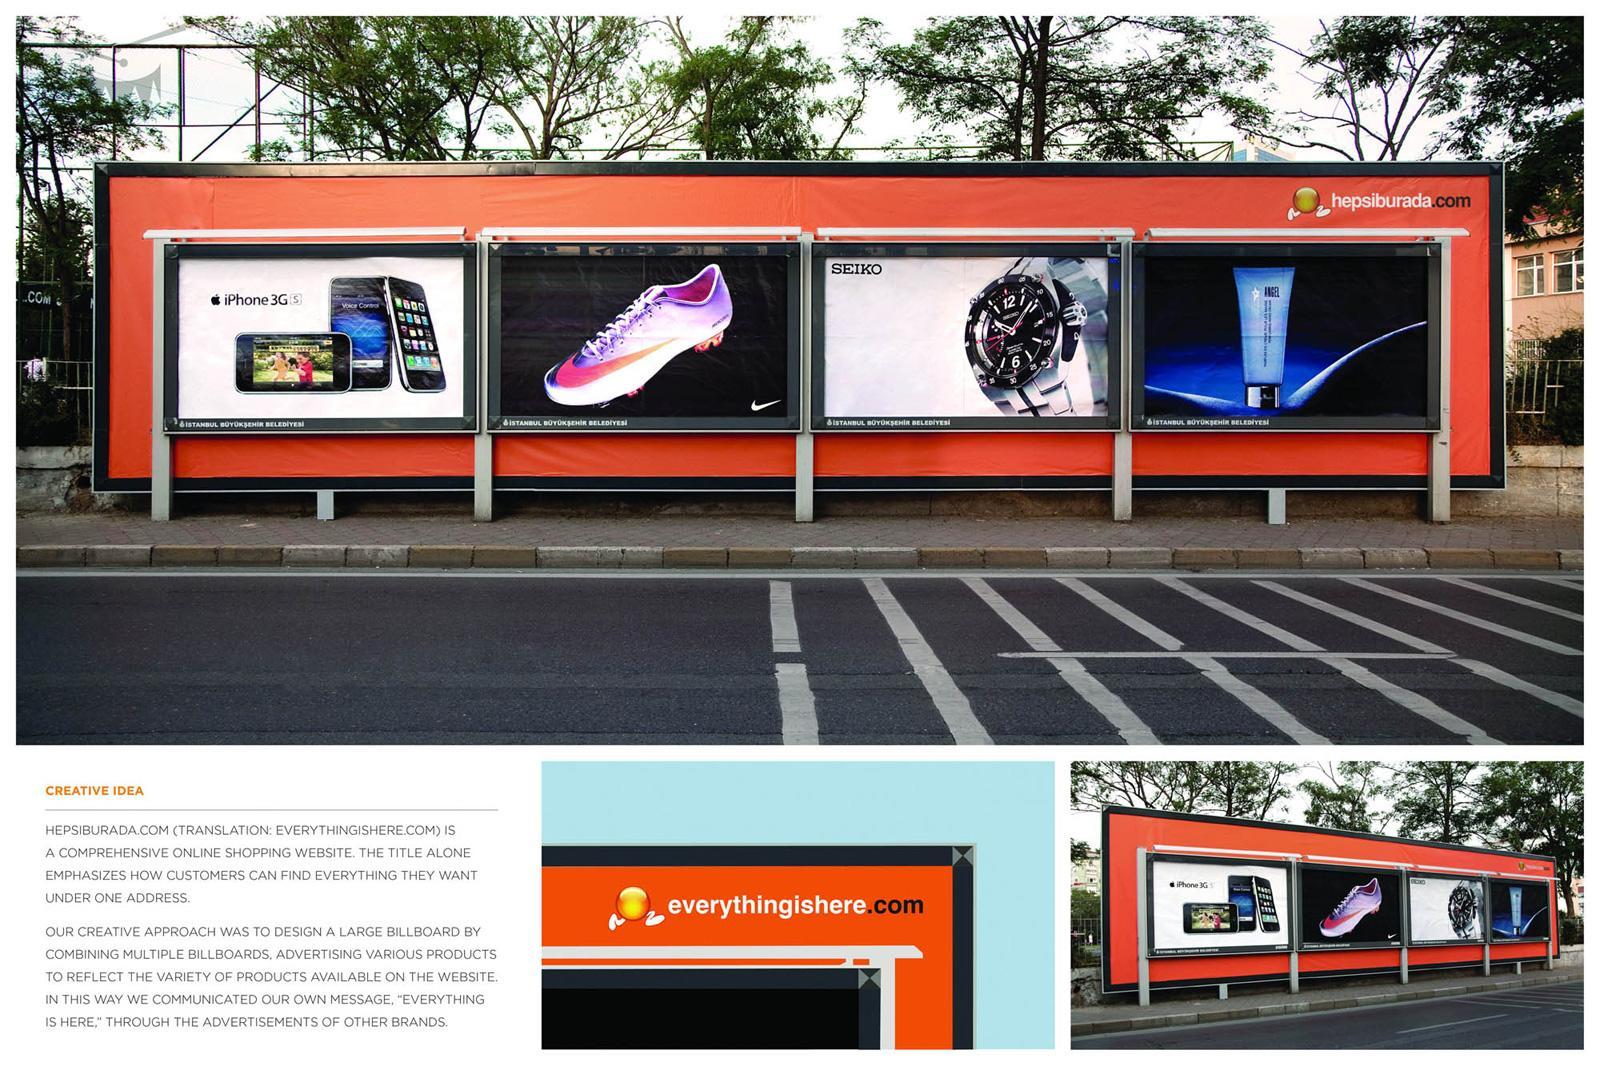 Hepsiburada Outdoor Ad -  Oversized billboard